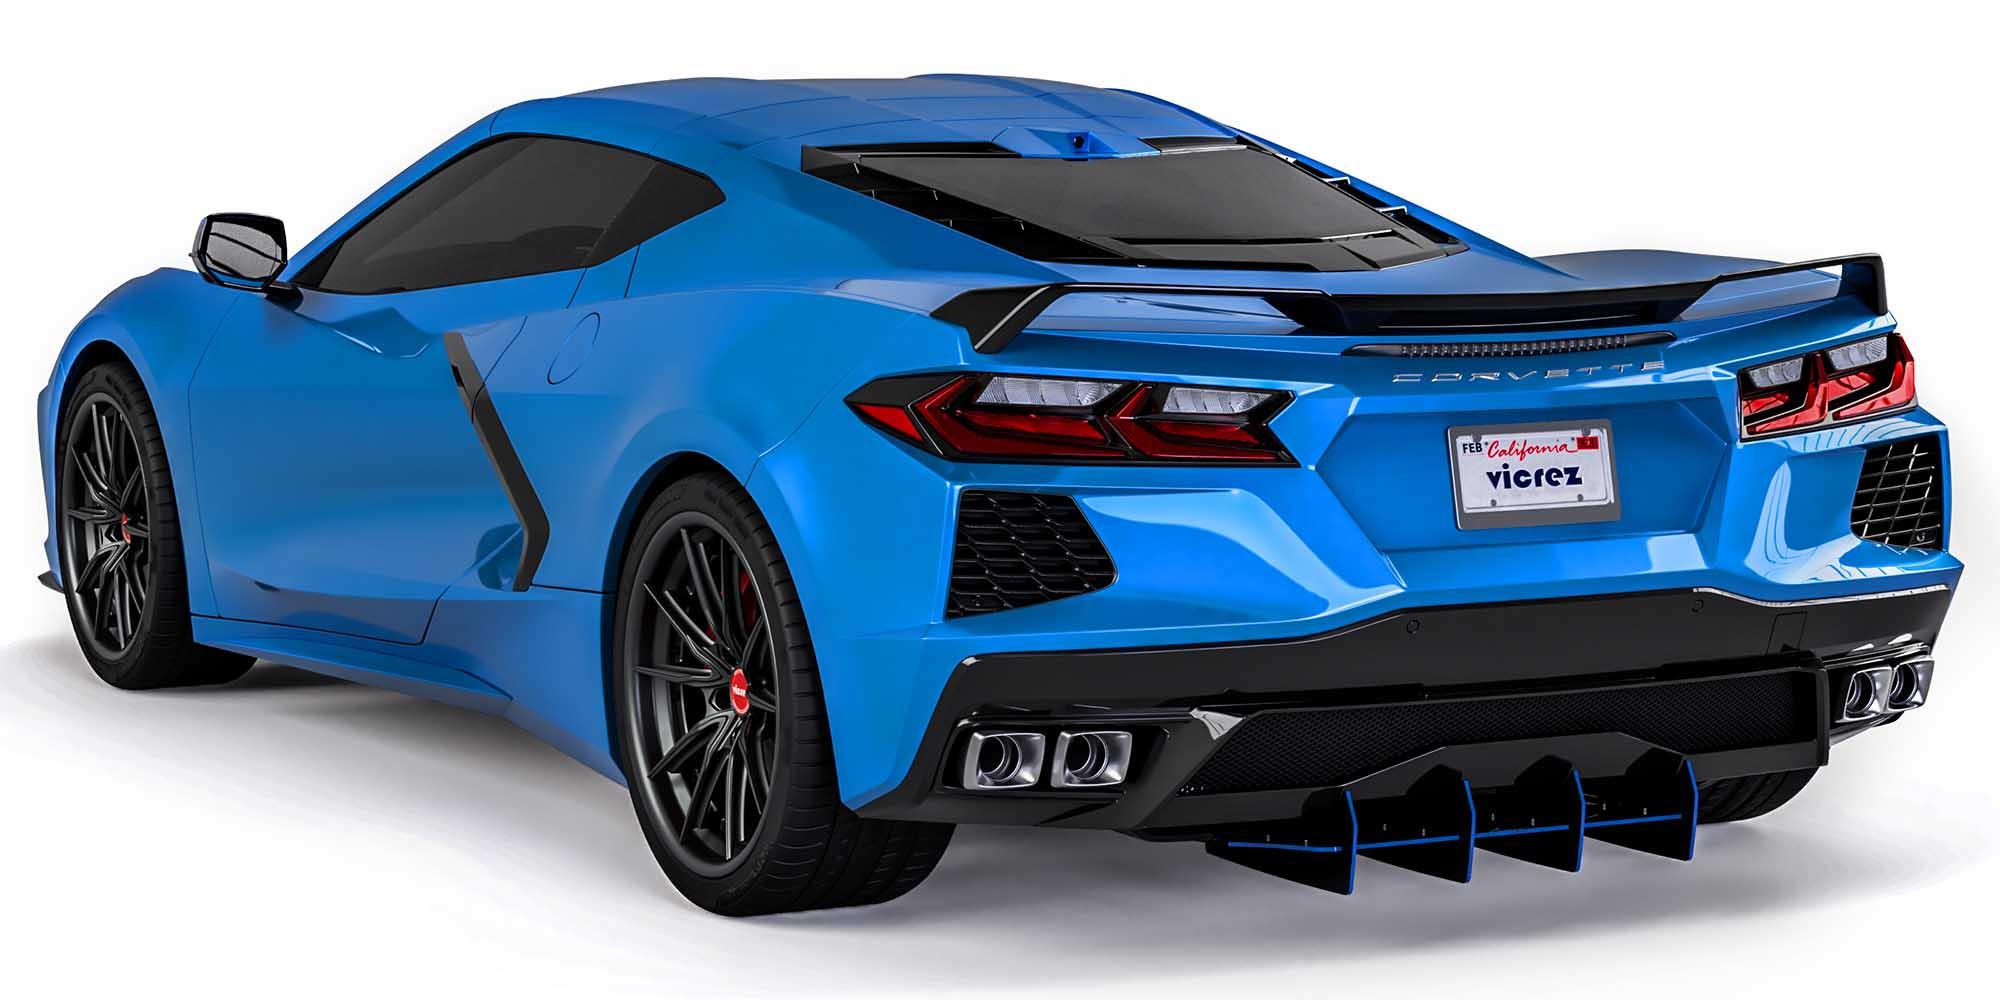 Vicrez 160LV Rear Diffuser vz102209 | Chevrolet Corvette C8 2020-2021